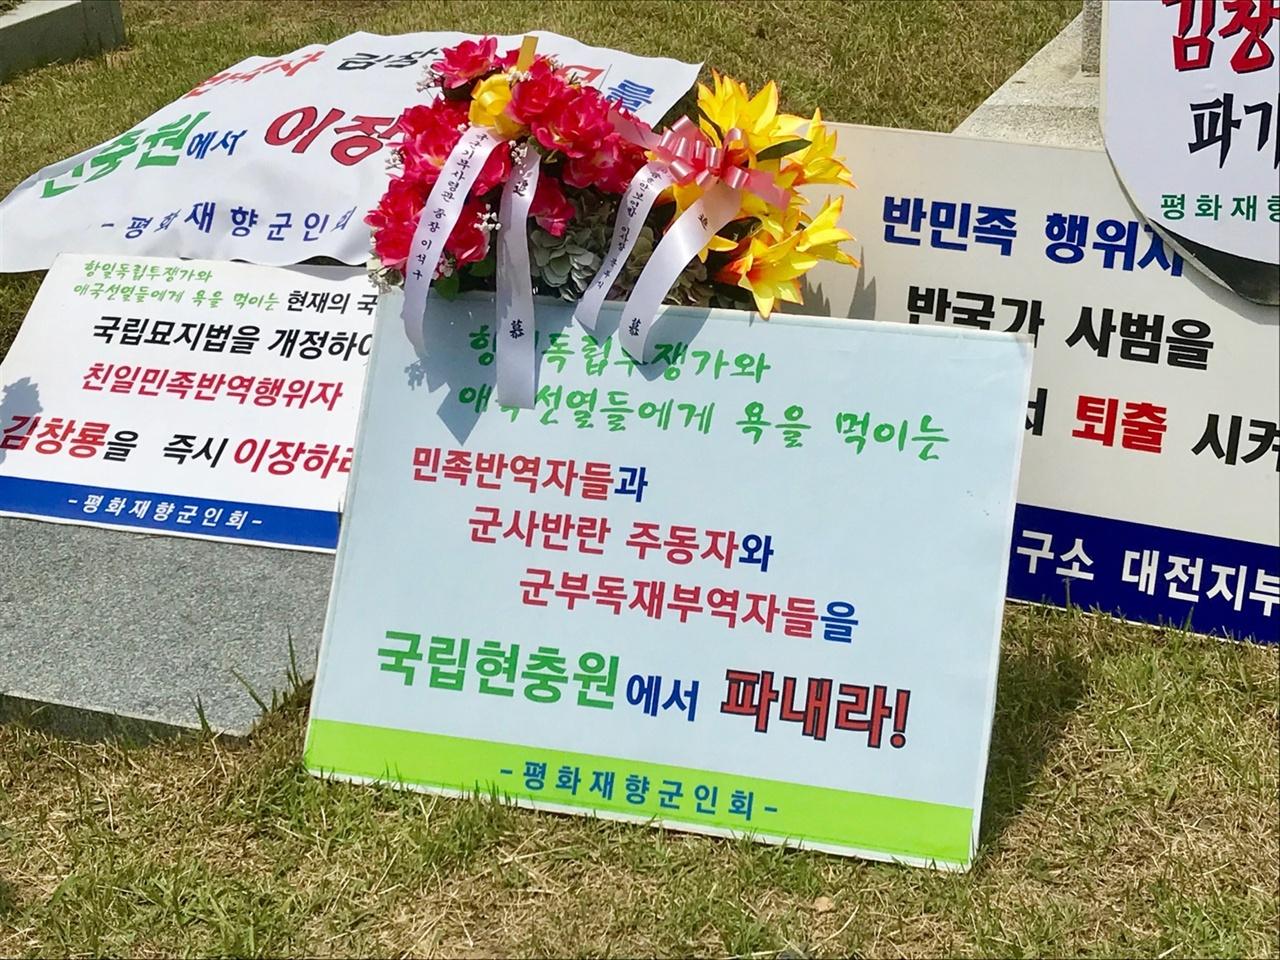 김창룡 묘 앞에 놓인 피켓들 김창료 묘 앞에 참가들이 준비한 피켓들이 놓여져 있다.